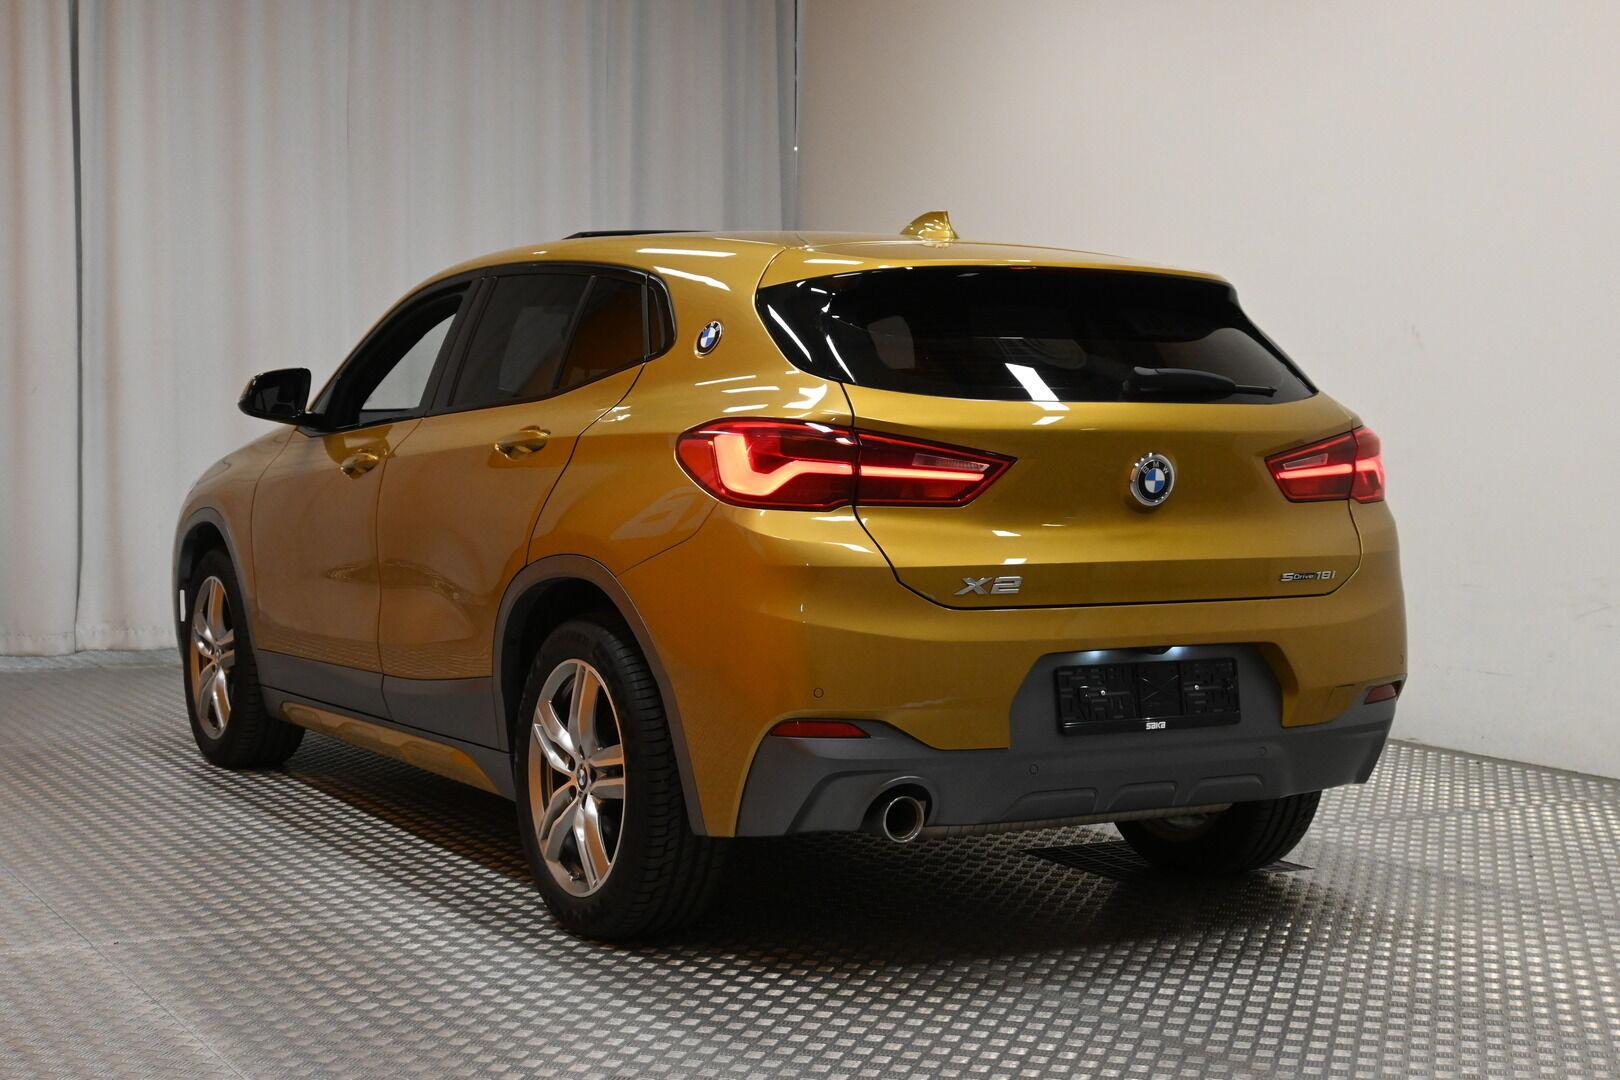 Keltainen Maastoauto, BMW X2 – KON-64359, kuva 5